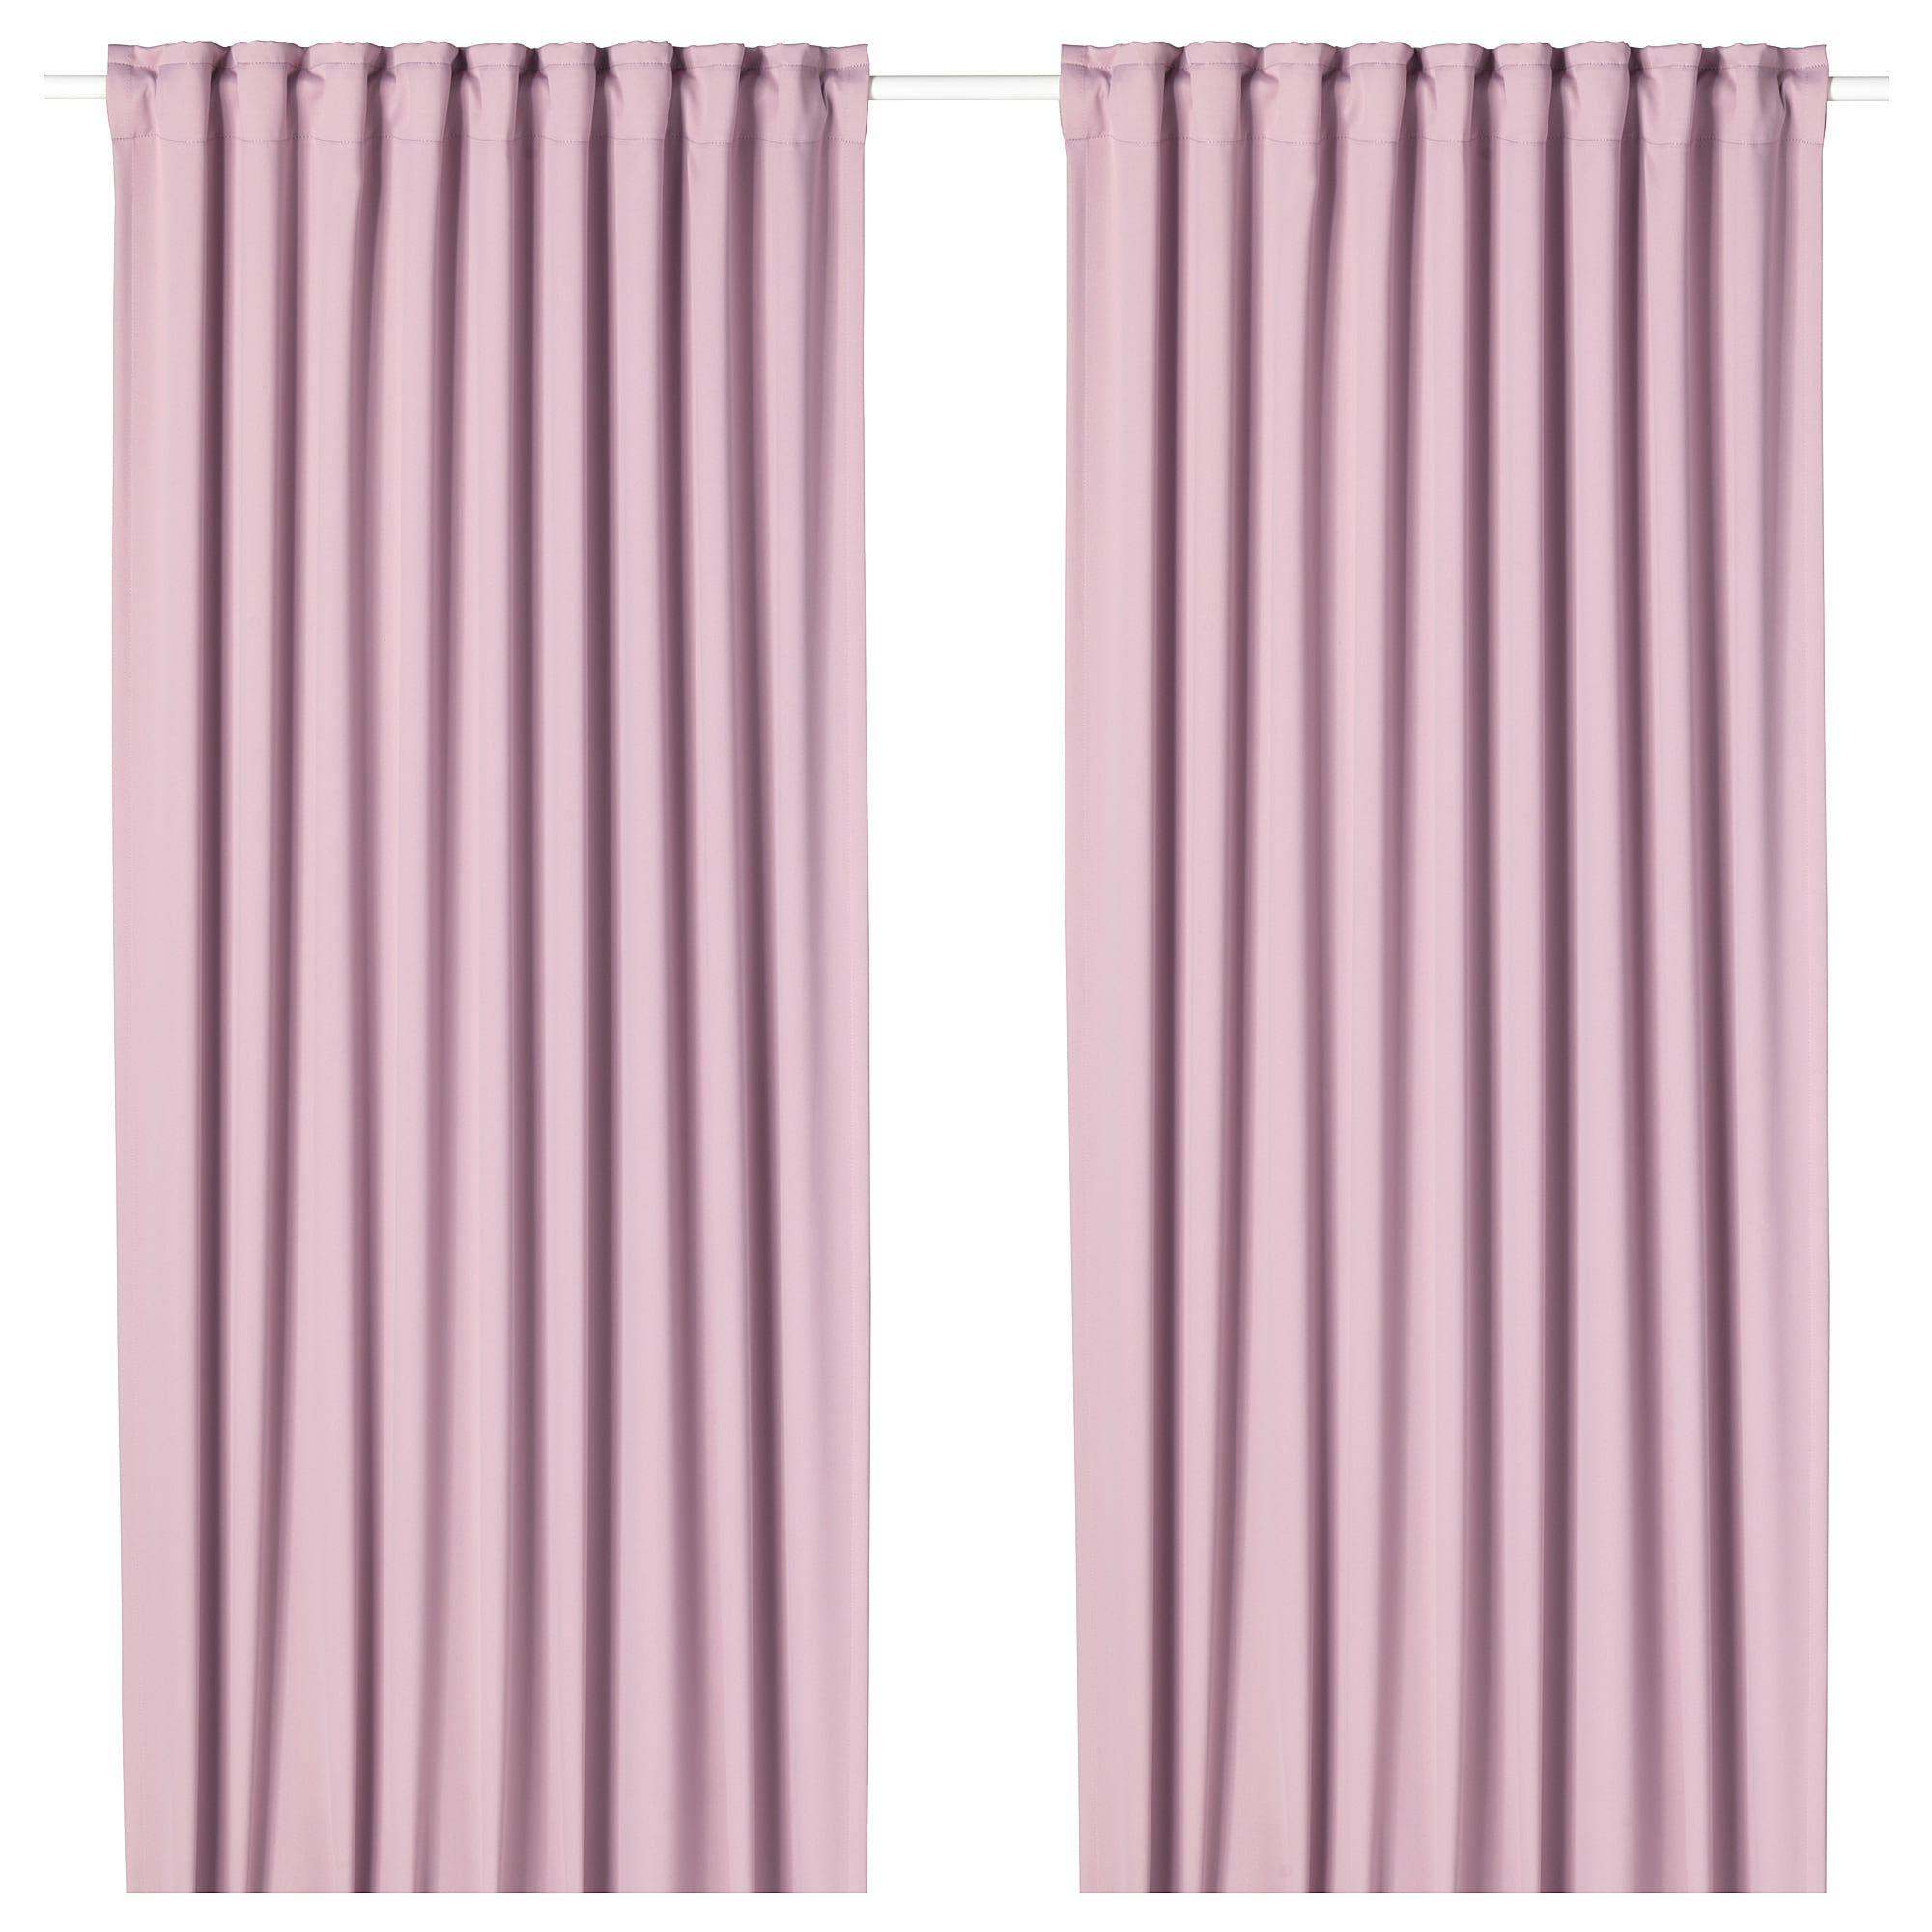 Ikea Majgull Light Pink Room Darkening Curtains 1 Pair Room